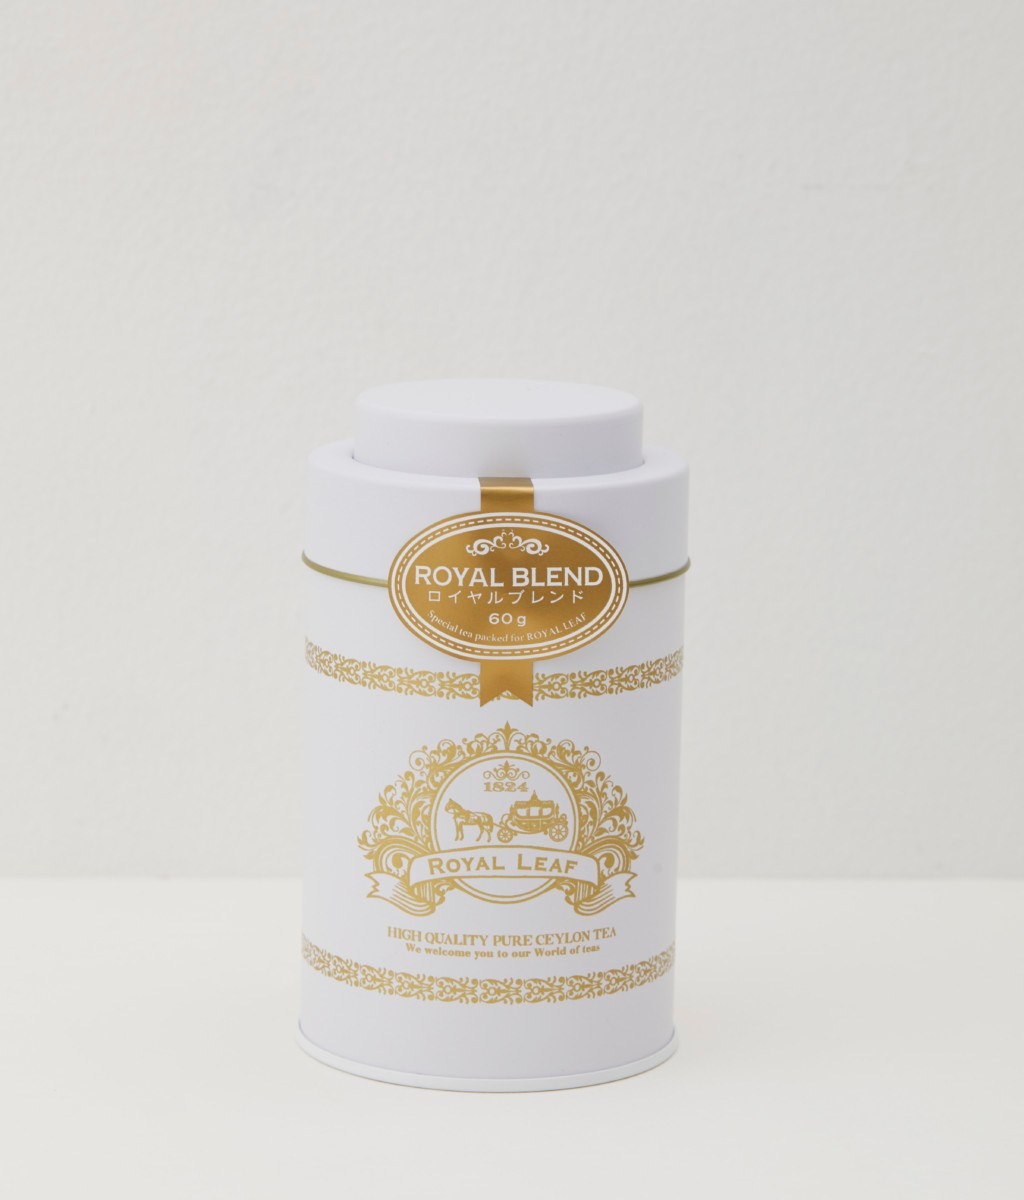 4a1906a01c8515d7f08a9bf4831c35a5 1 - ROYAL BLEND (ロイヤルブレンド) リーフティー60g 缶